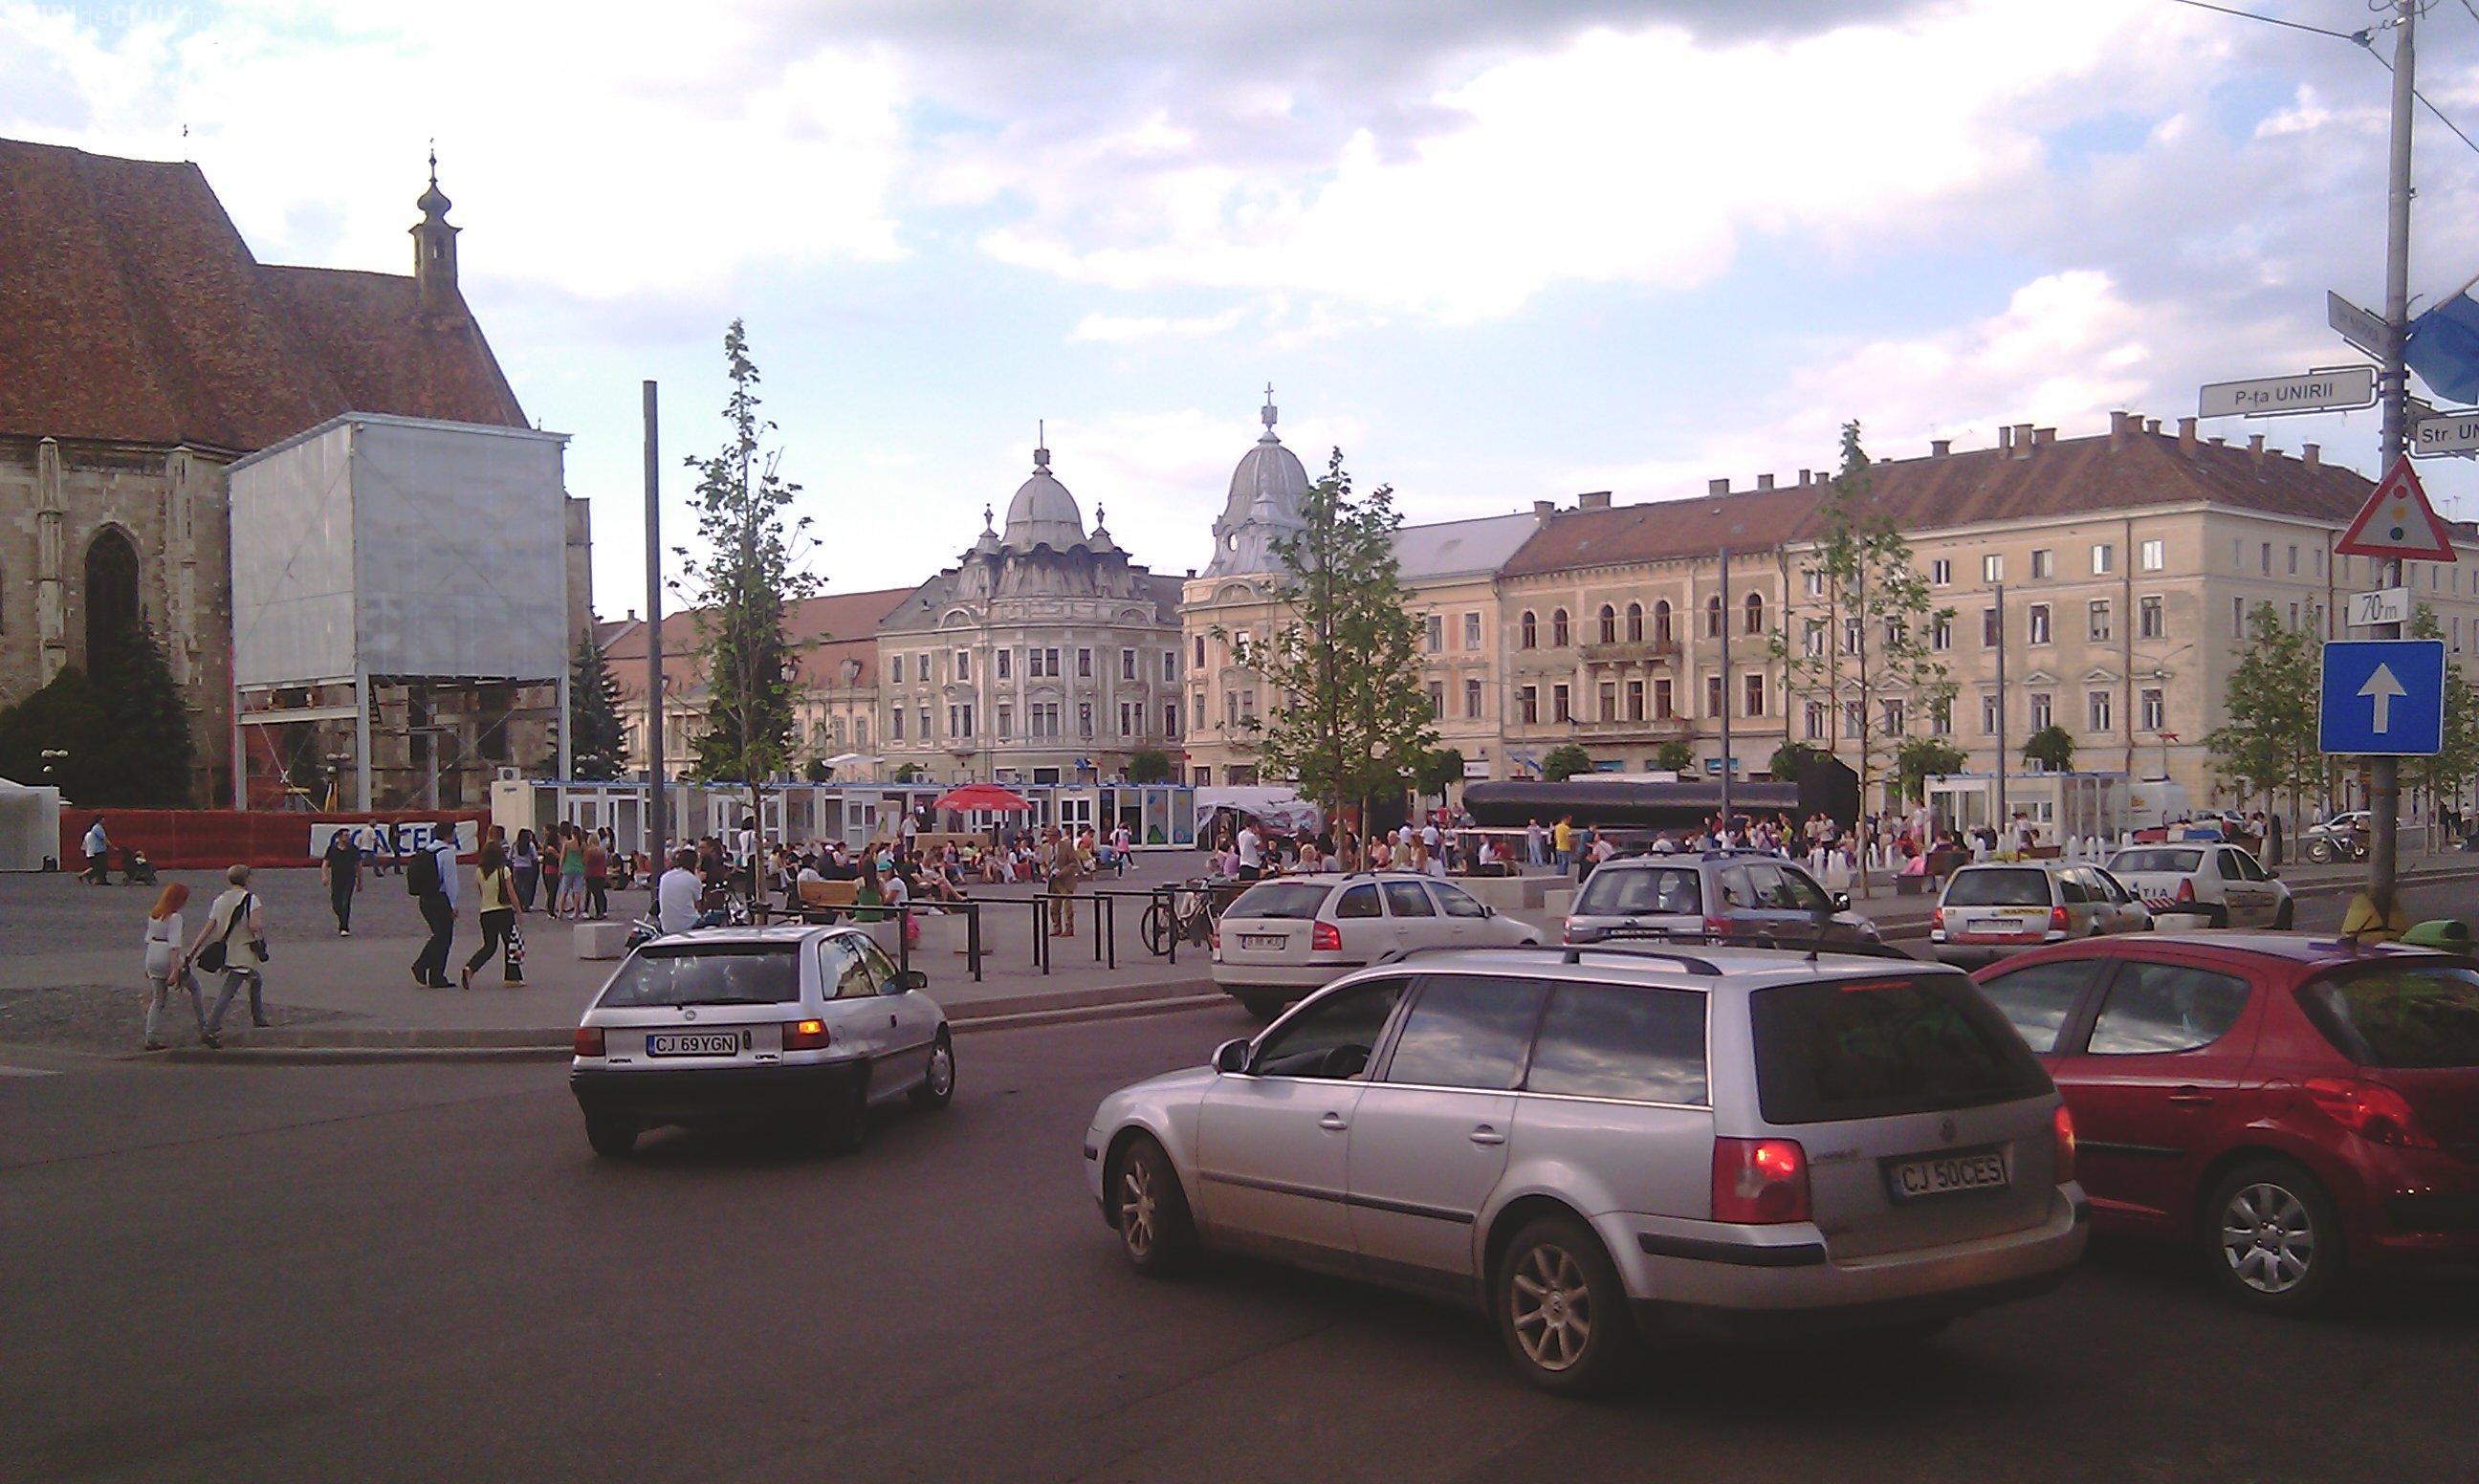 Se închid străzi din centrul Clujului, în perioada 15 august - 18 august